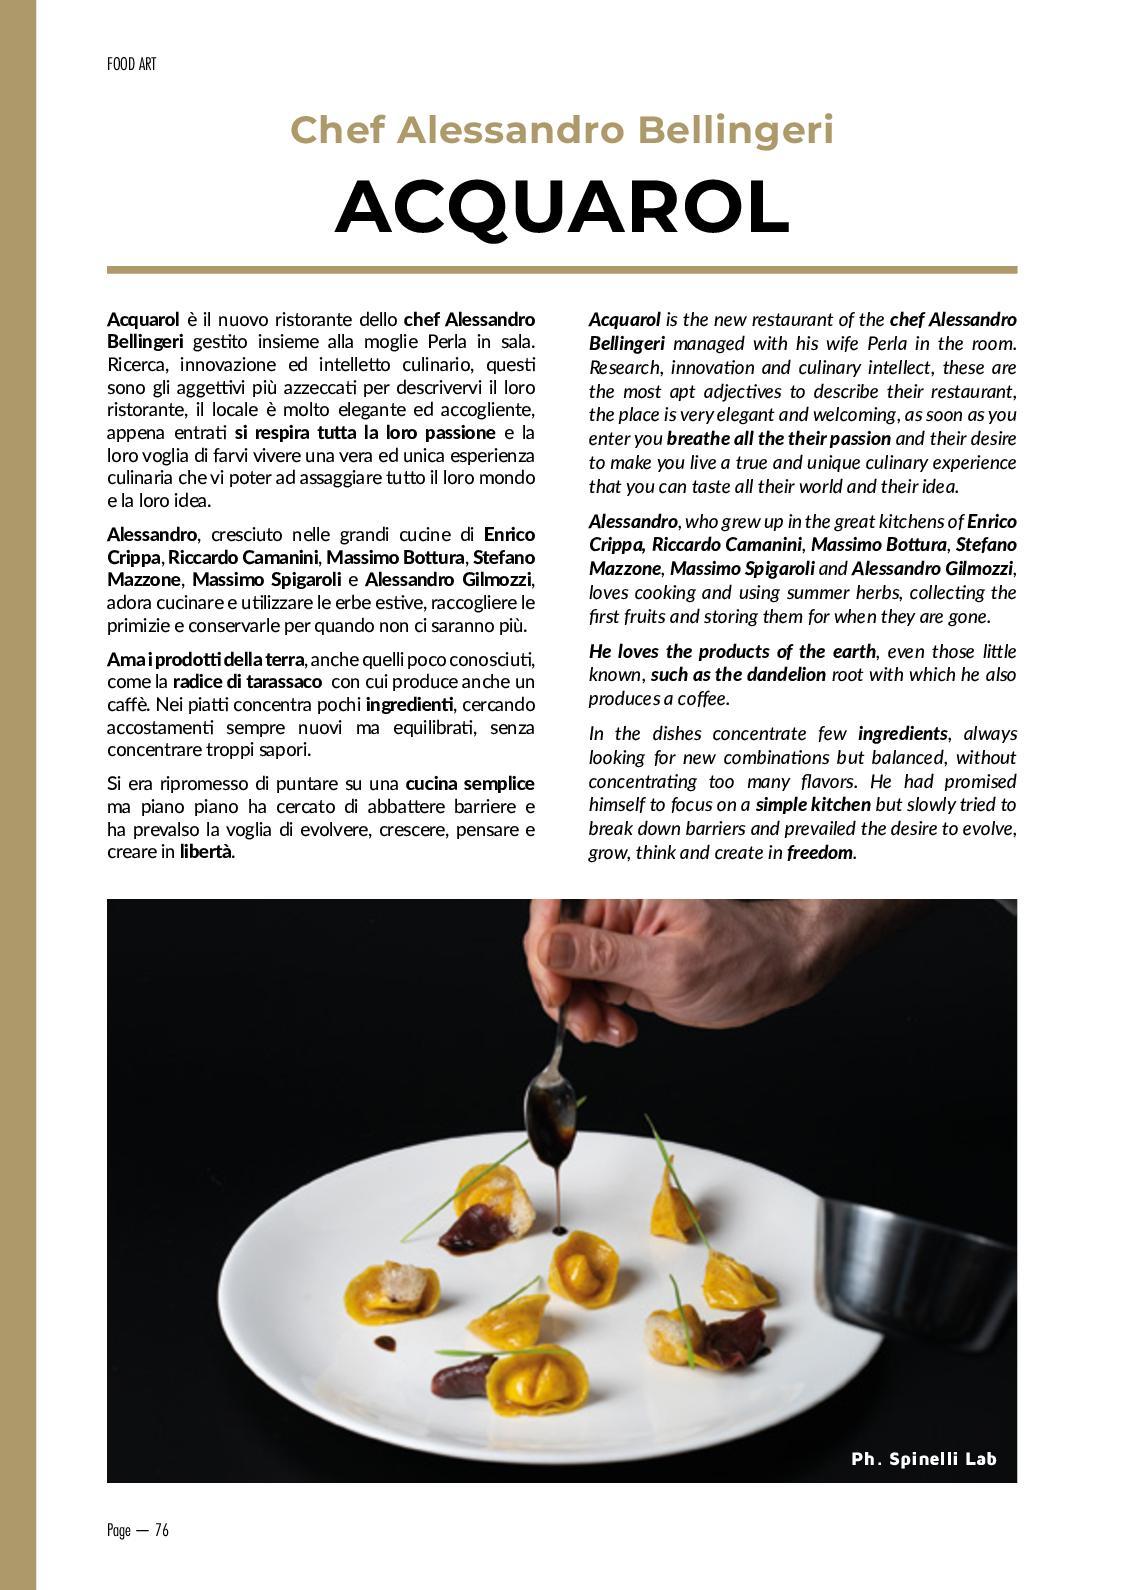 Accostamenti In Cucina s&g n°7 - calameo downloader